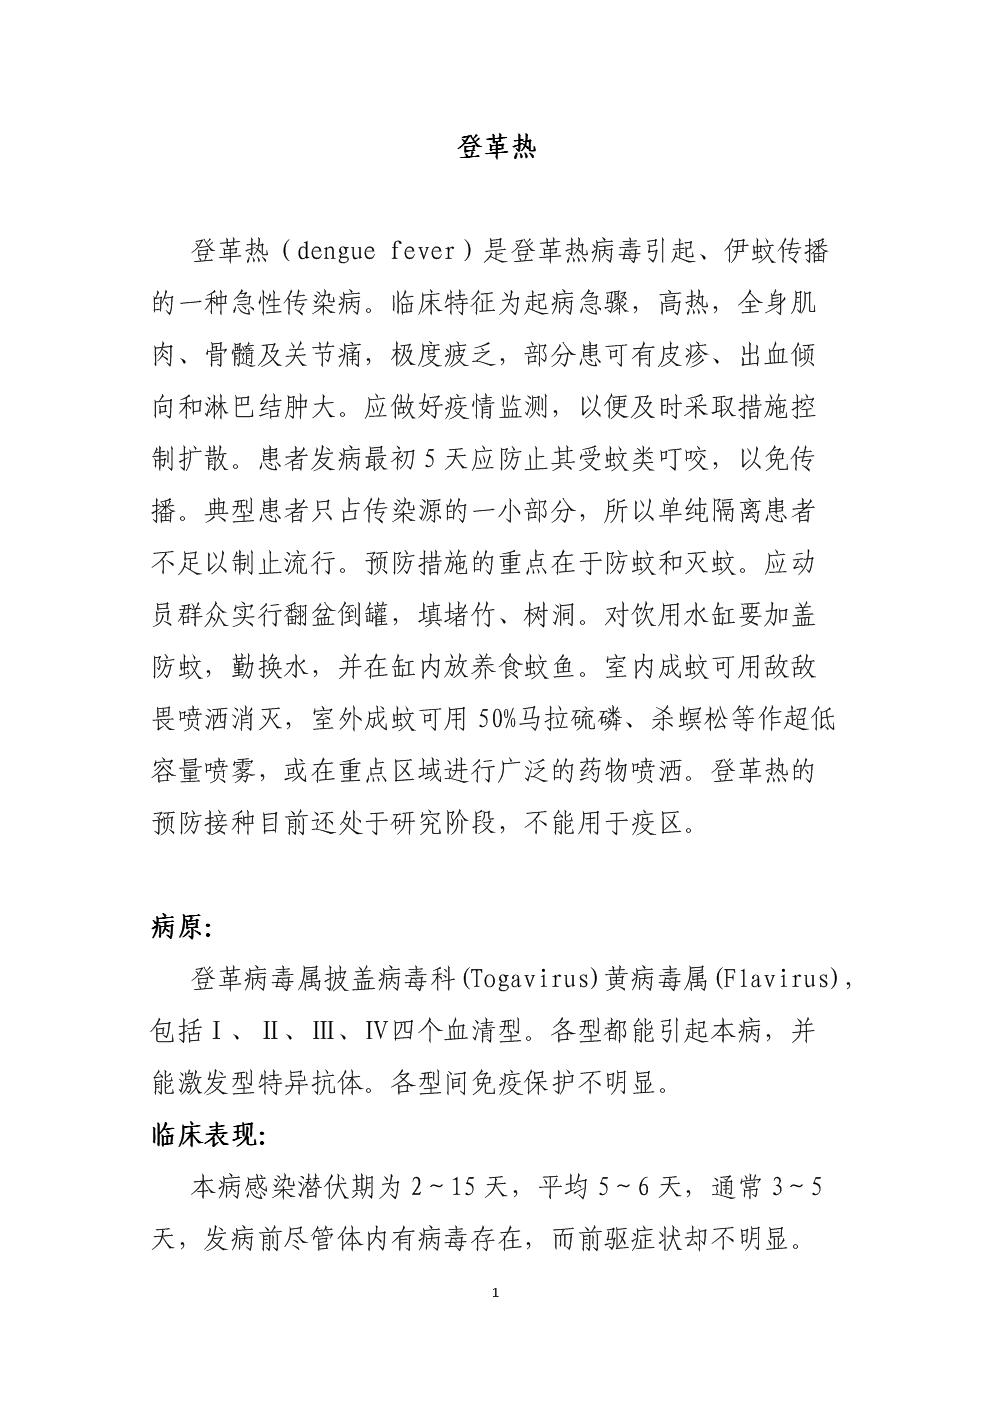 登革热(虫媒传播类传染病).docx